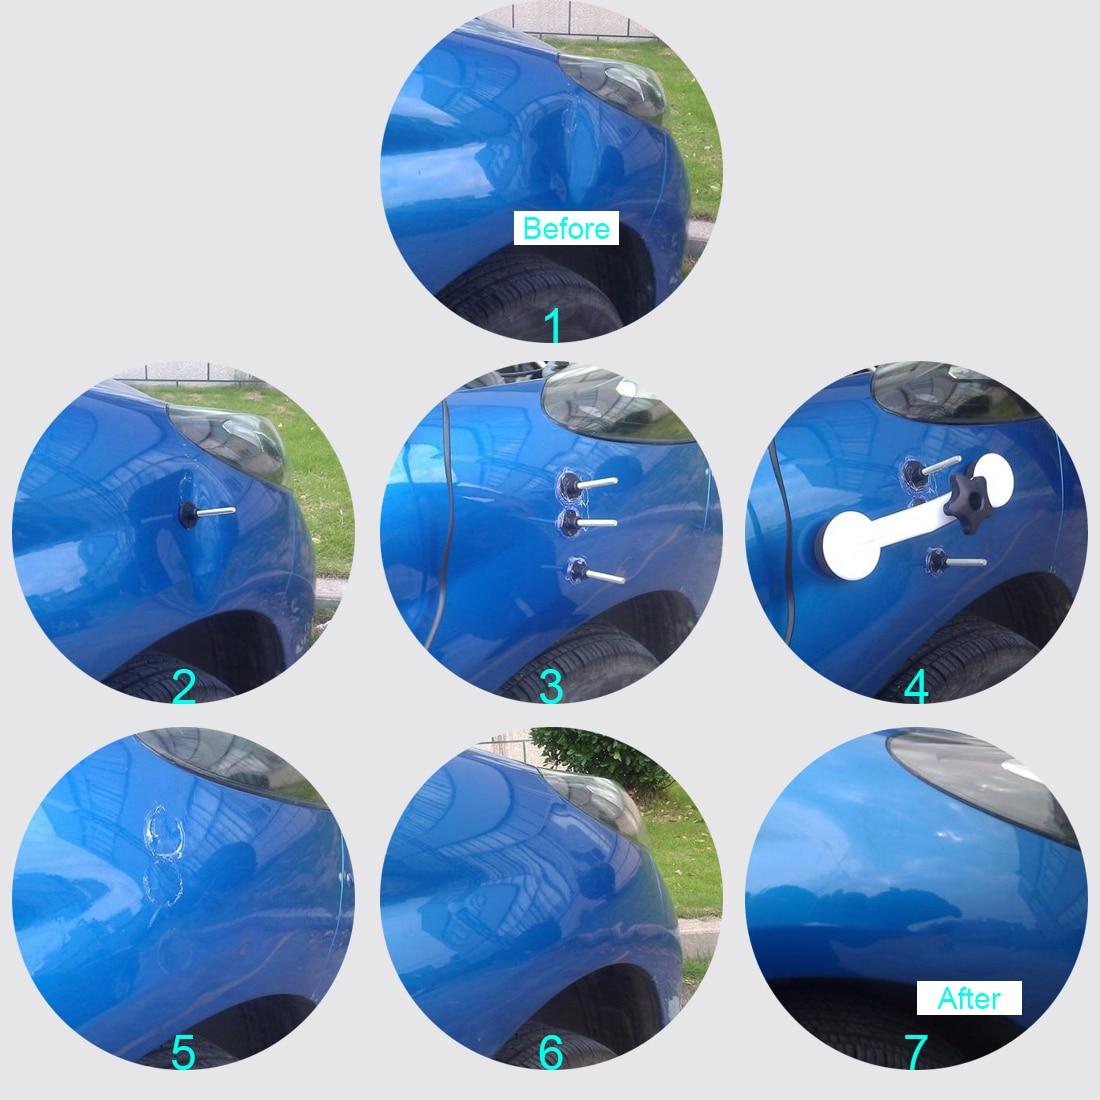 BU-Bauty hot 9 pz UE FAI DA TE Auto Dent Repair Removal Tool Kit di Riparazione Portello di automobile Del Corpo Auto 40 W Hot Melt Pistola di Colla Tirando Ponte Dispositivo